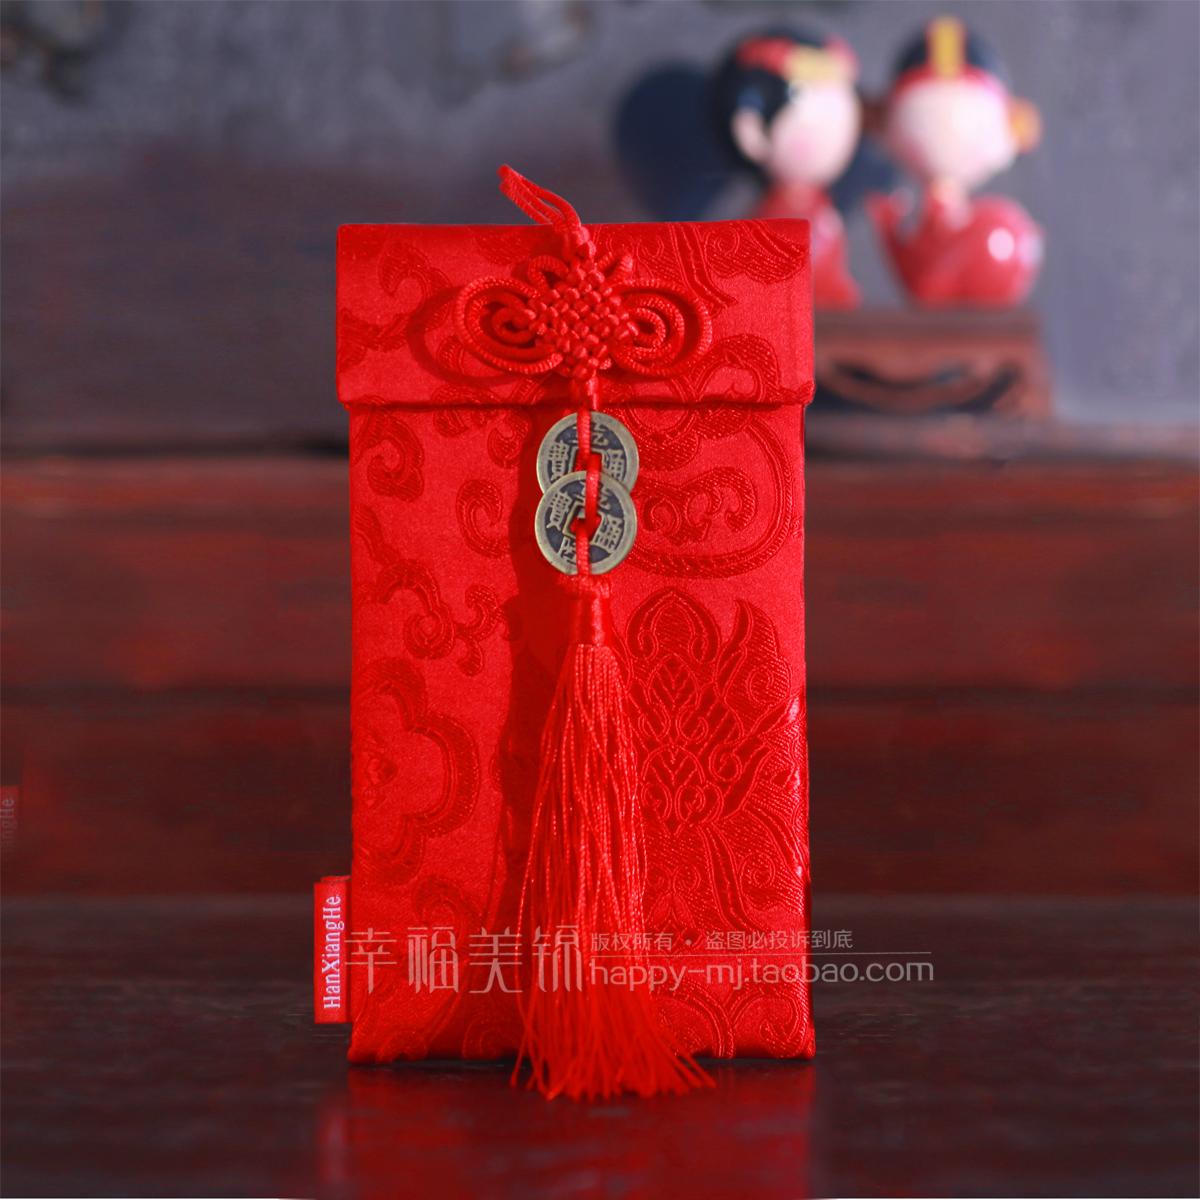 个性结婚红包/开门红包/迷你红包/父母封红包/红包利是封新年批发